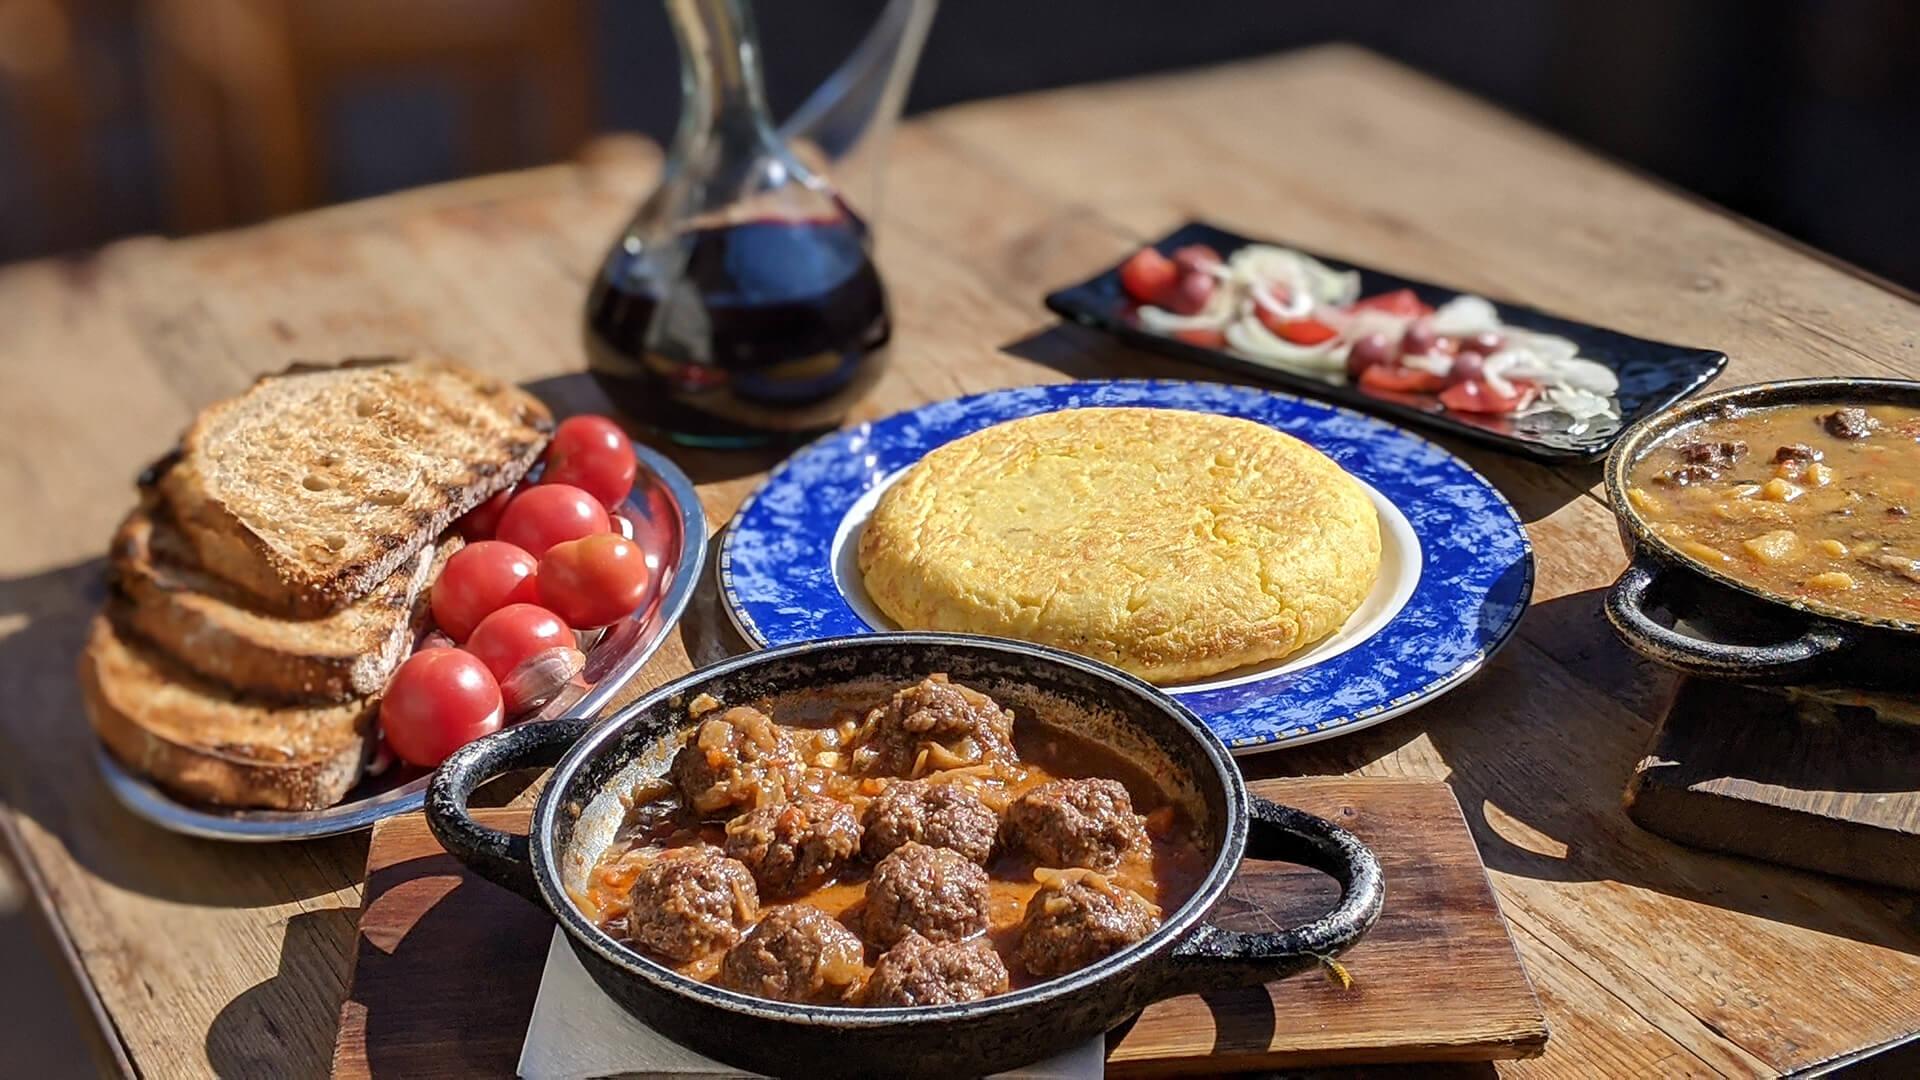 Restaurante braseria en La Roca Village - Les Tres Alzines - Esmorzar de forquilla